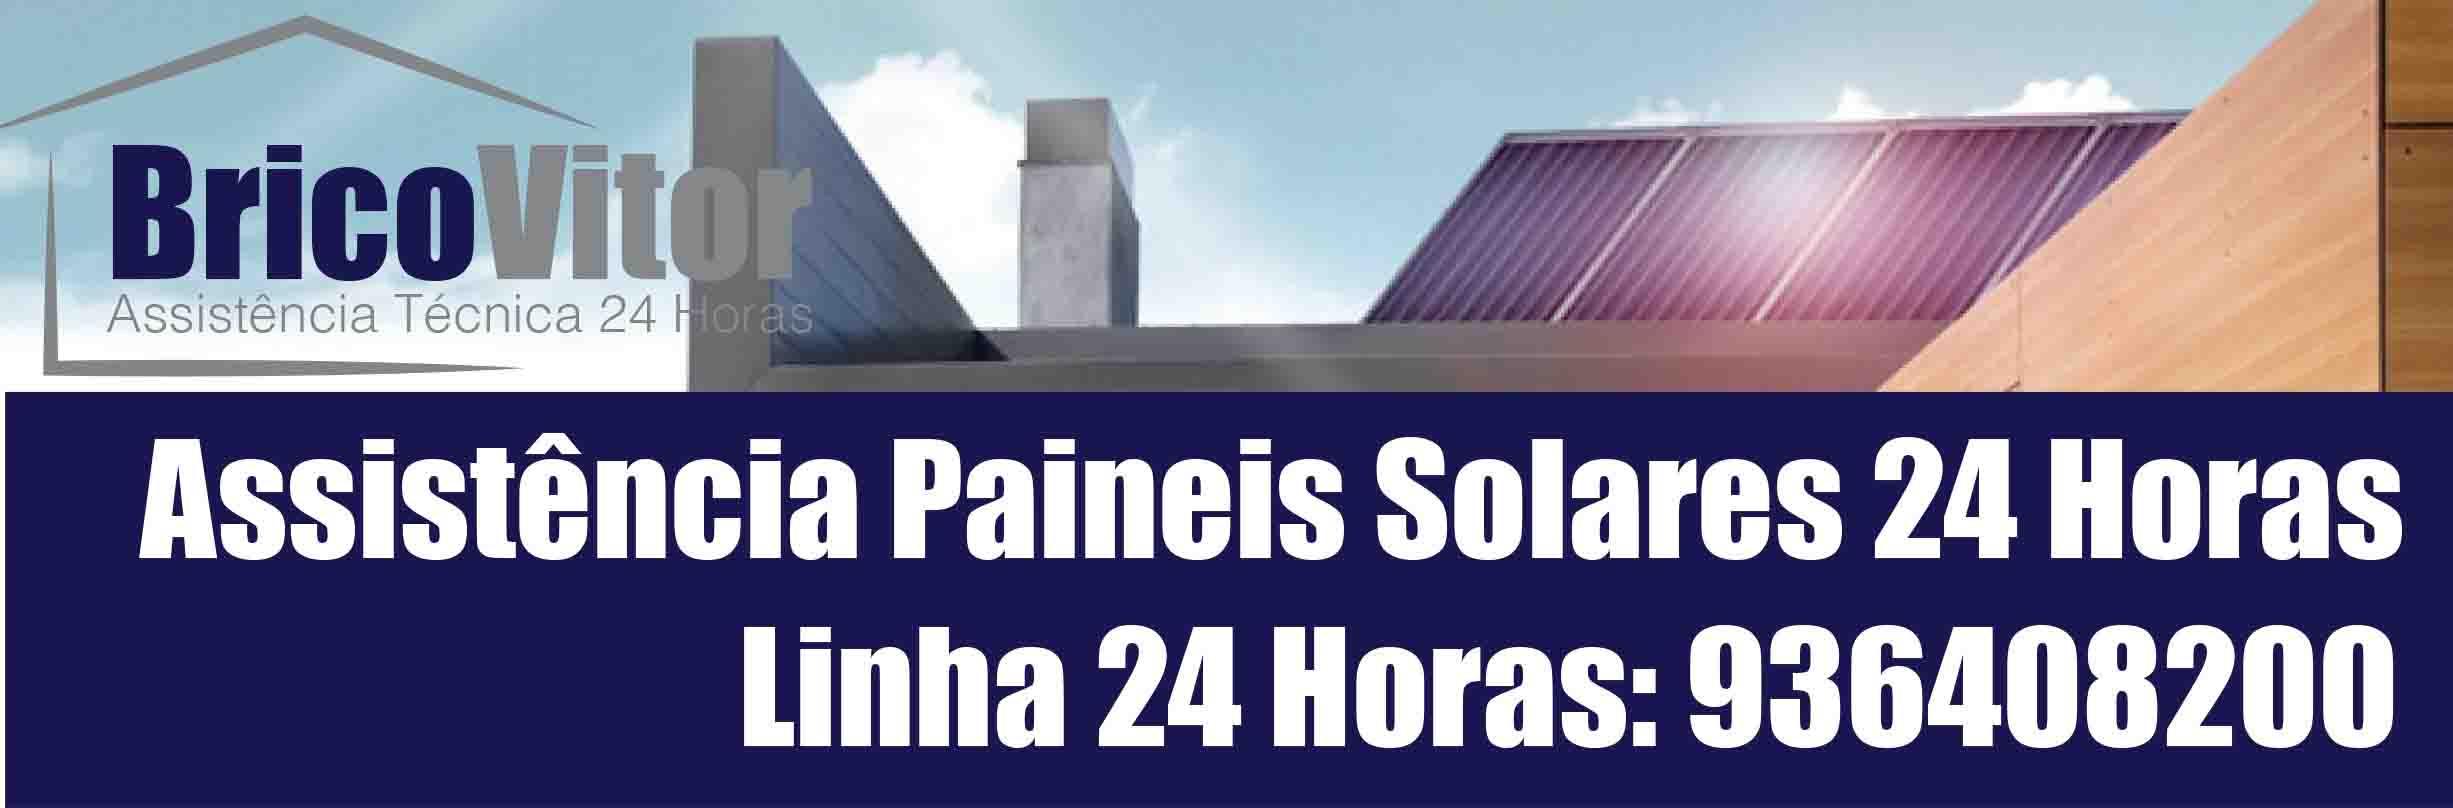 Assistência Painéis Solares Lourinhã